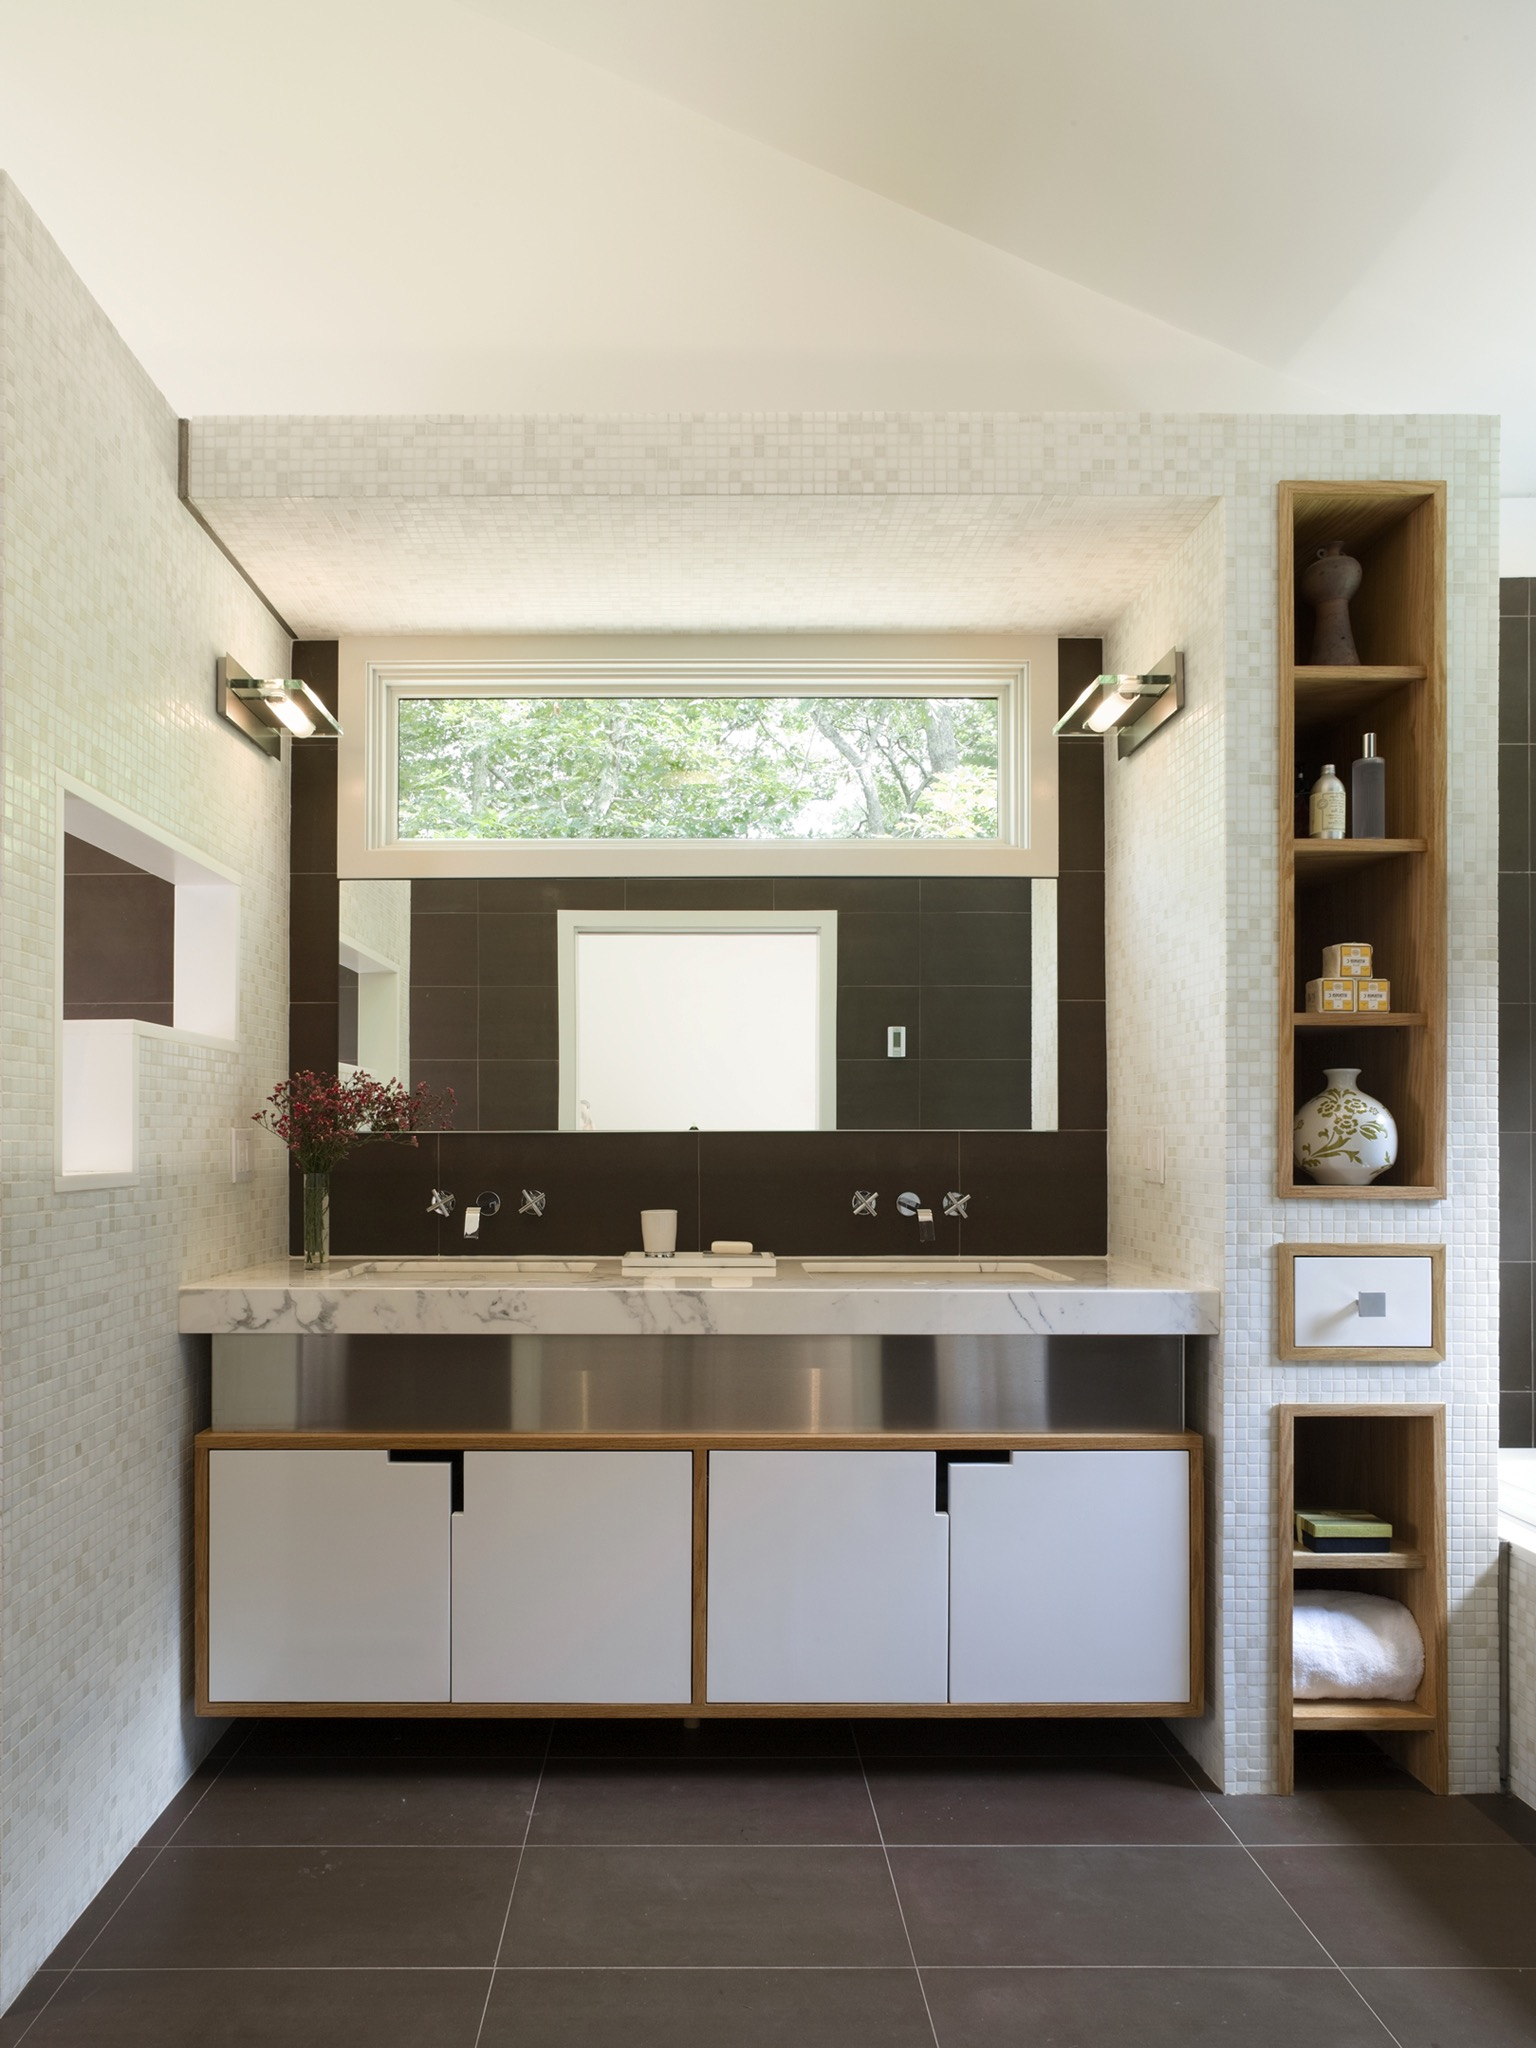 Modern Sleek Bathroom Storage Tower (Image 13 of 20)